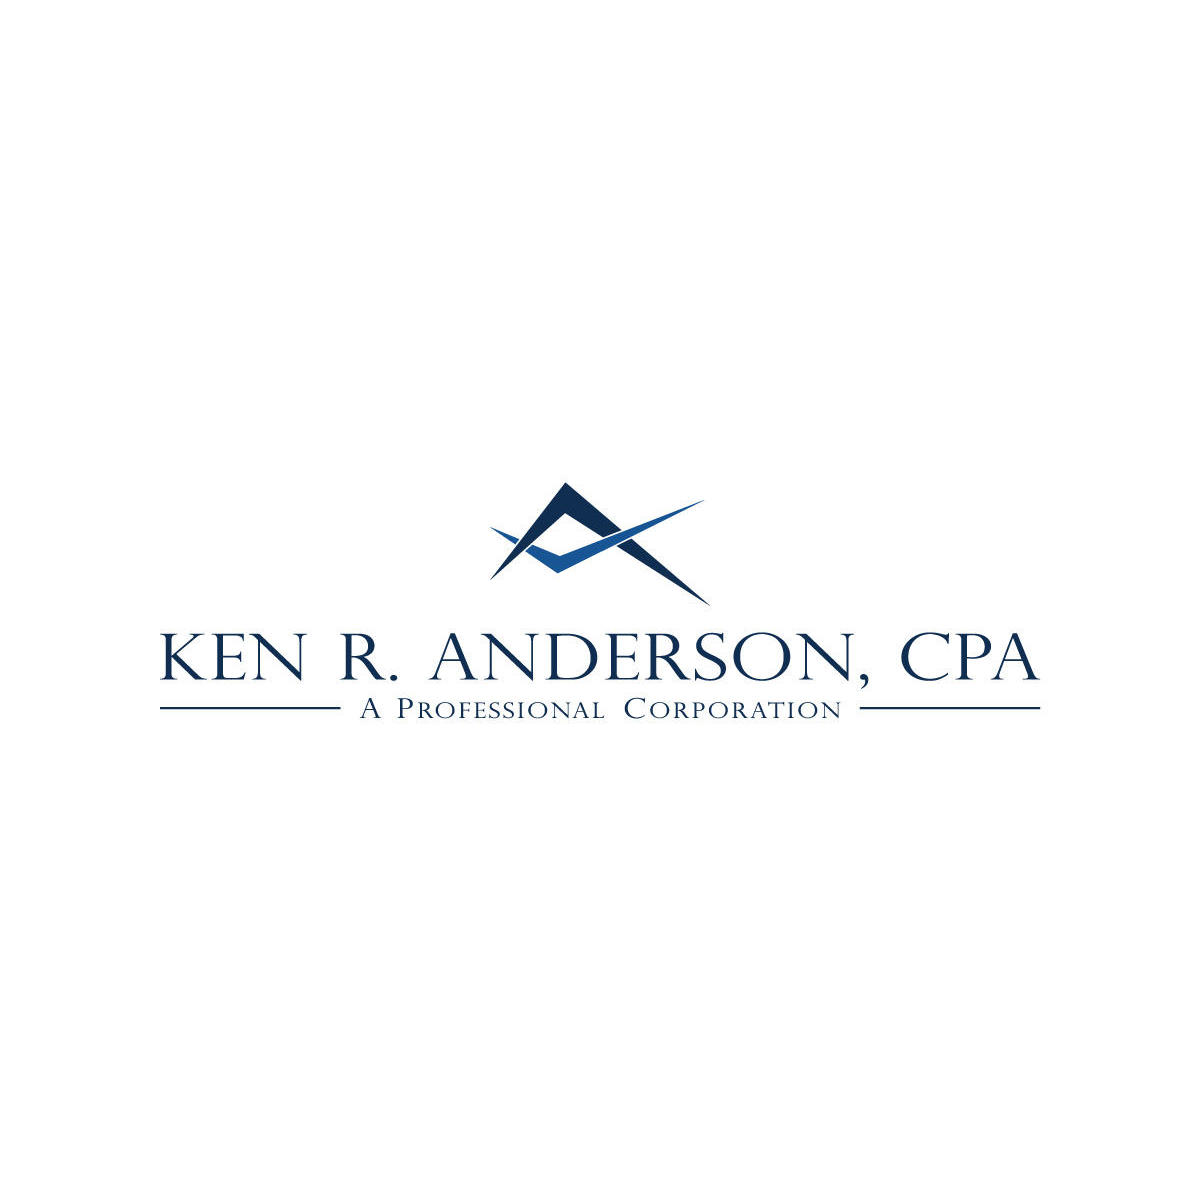 Ken R. Anderson, CPA